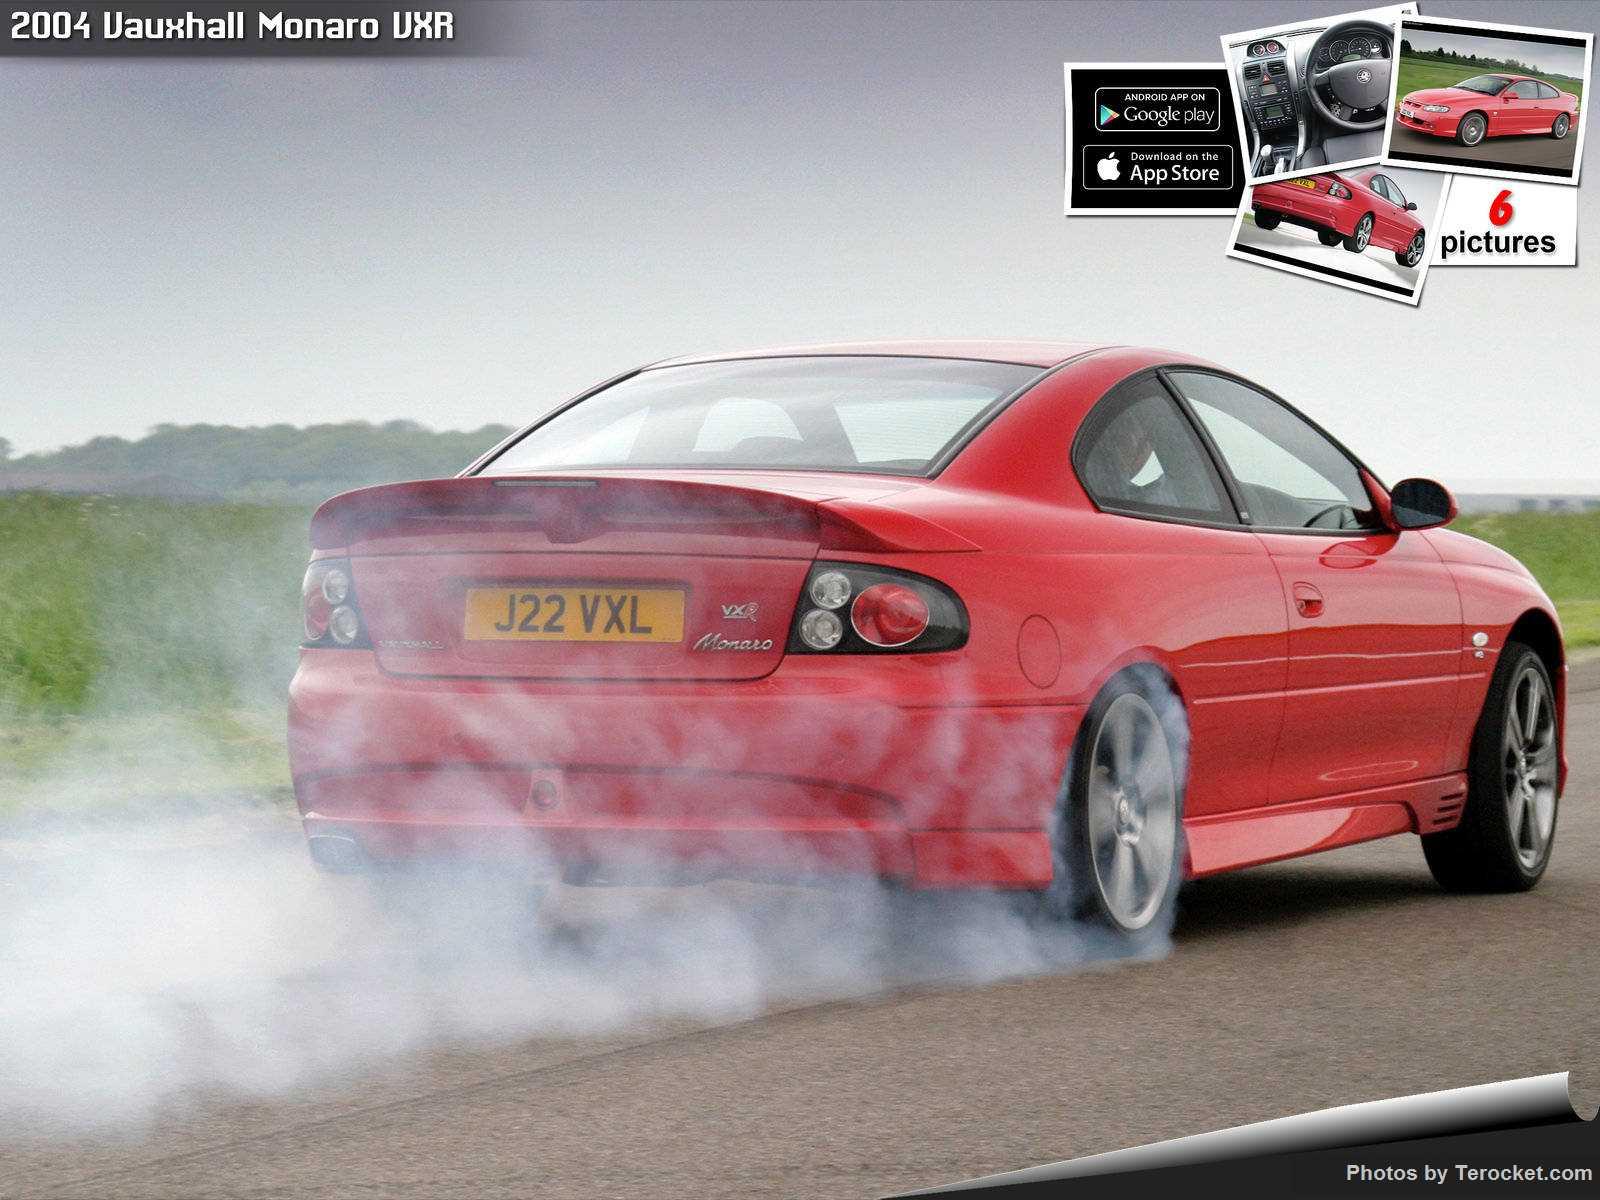 Hình ảnh xe ô tô Vauxhall Monaro VXR 2004 & nội ngoại thất